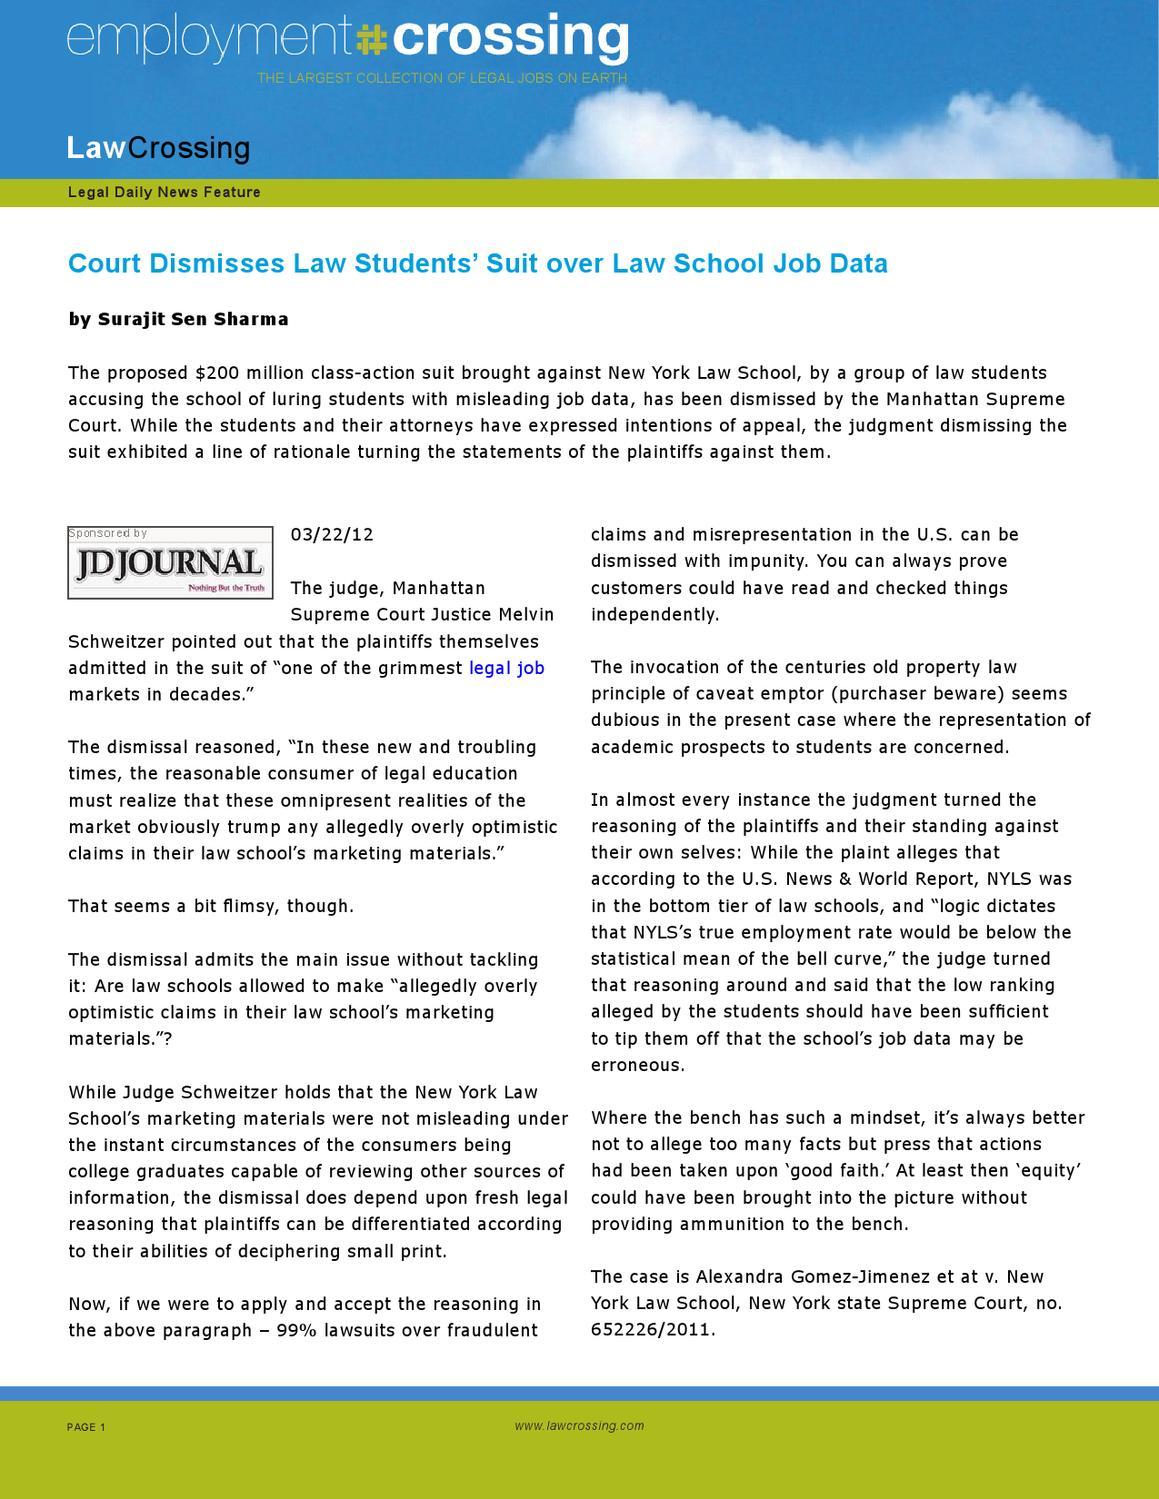 Court Dismisses Law Students' Suit over Law School Job Data